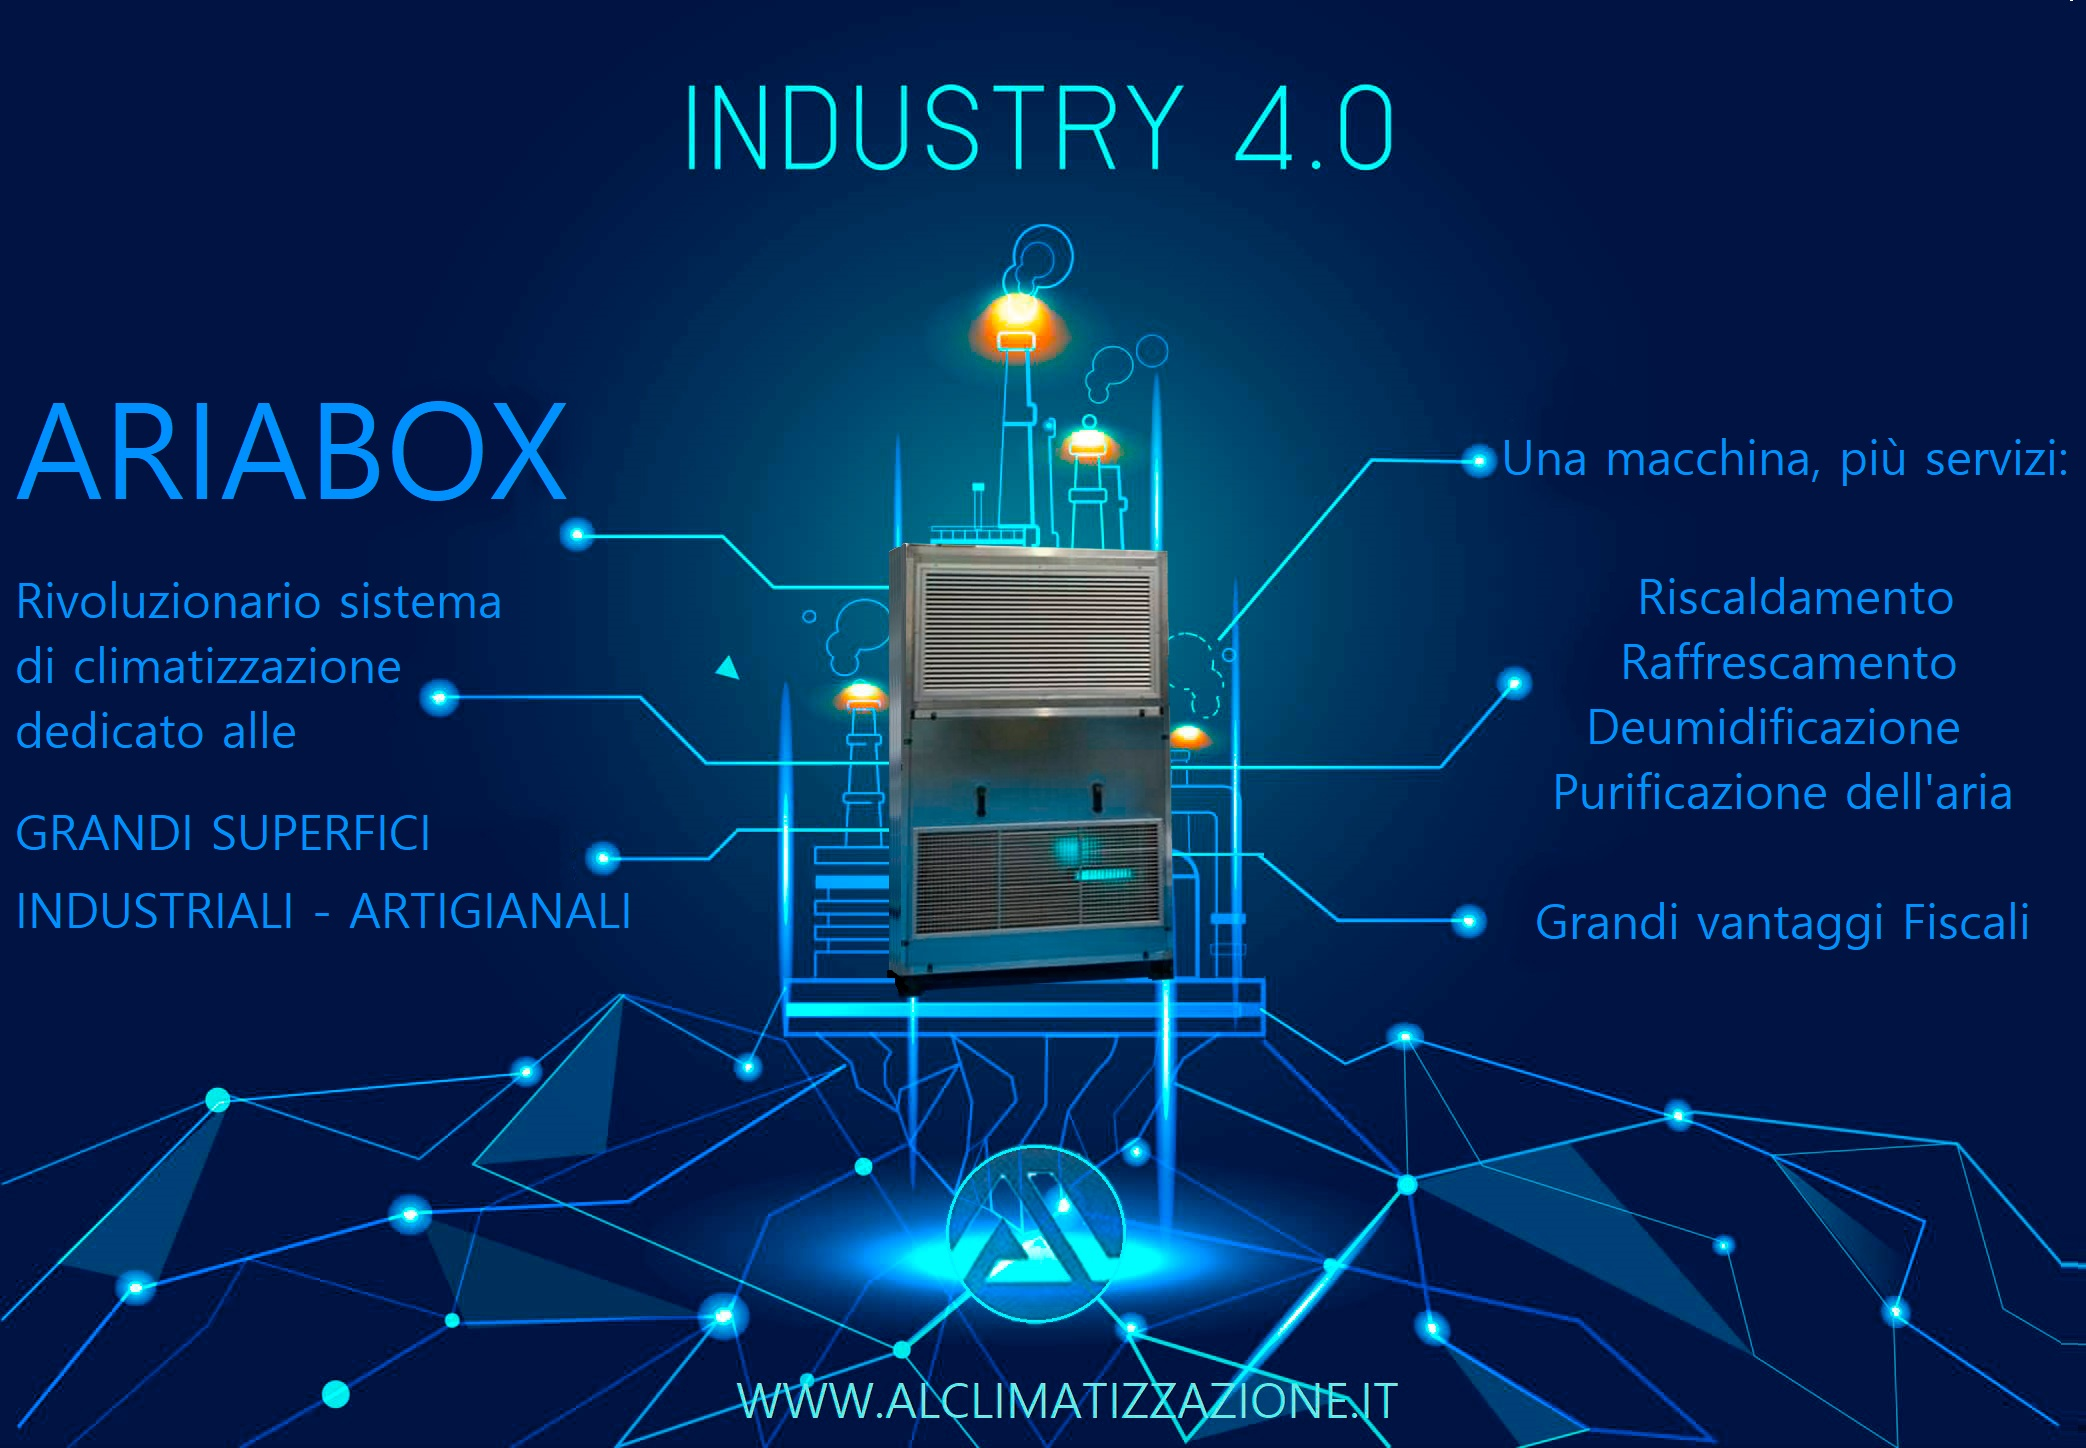 Climatizzatori industriali ARIABOX